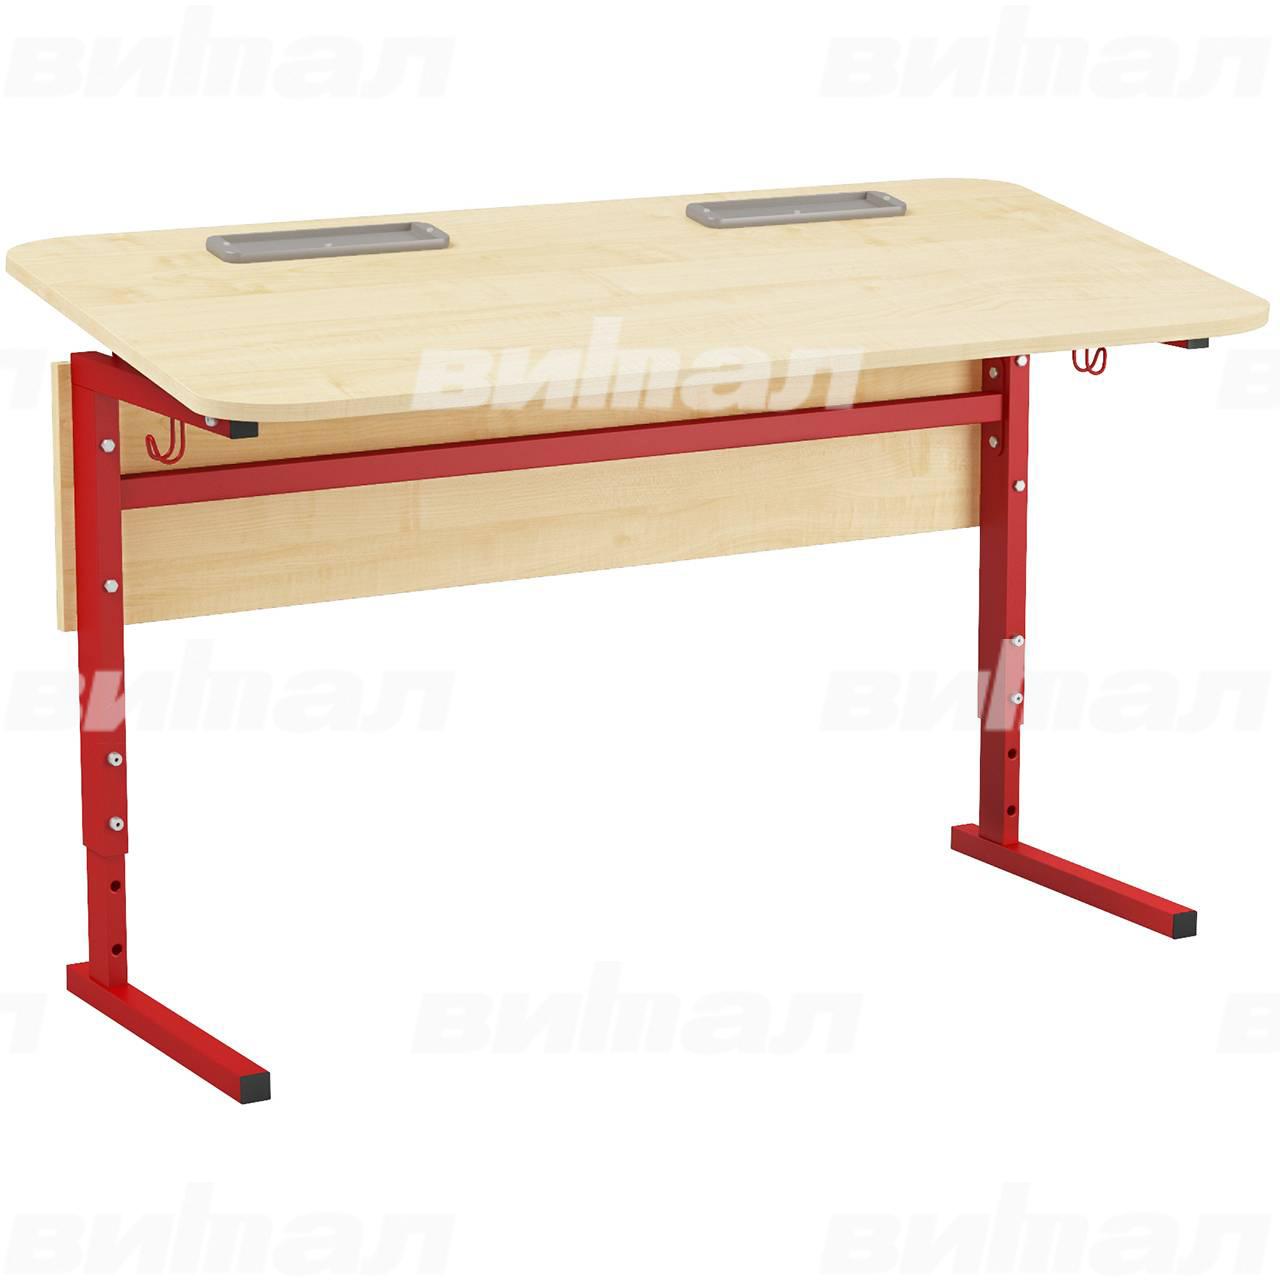 Стол 2-местный регулир. высота и наклон столешницы 0-10° (гр 2-4, 3-5, 4-6 или 5-7) красный Клен 5-7 Меламин прямоугольная